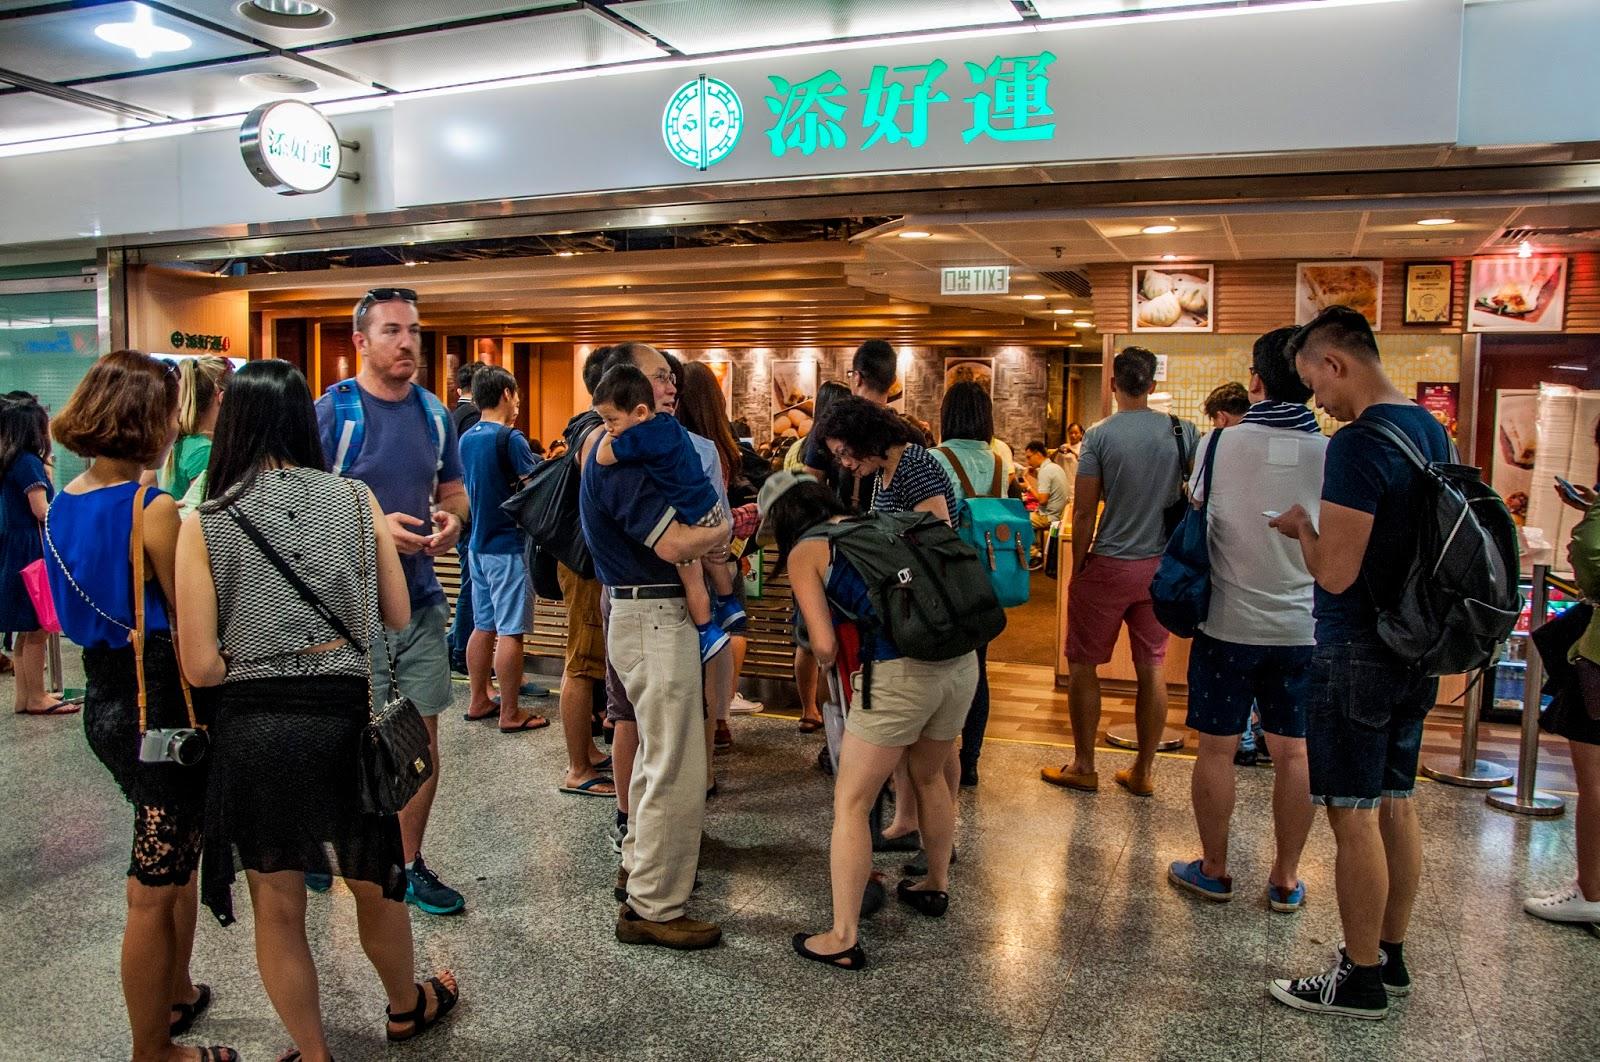 Tim Ho Wan in IFC Mall, Hong Kong